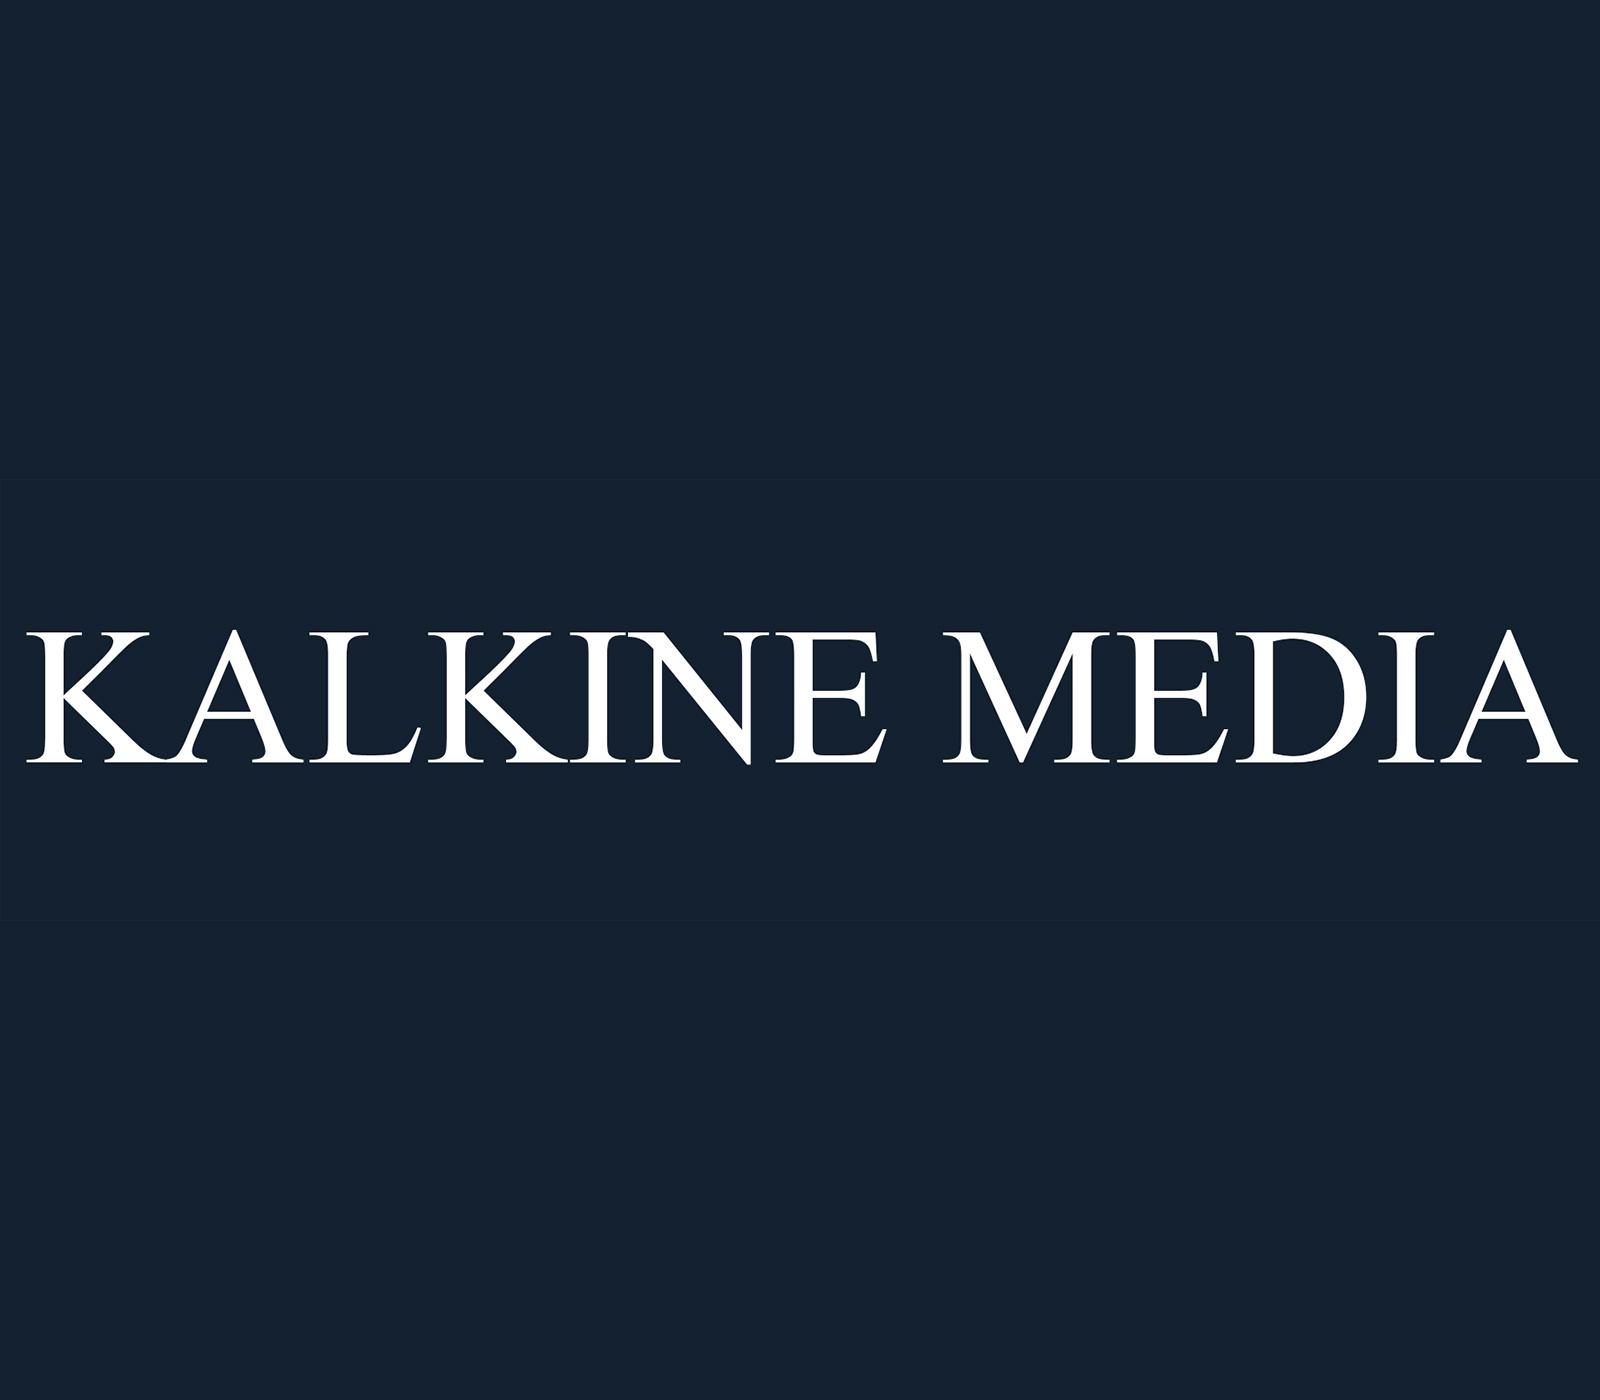 Kalkine Media